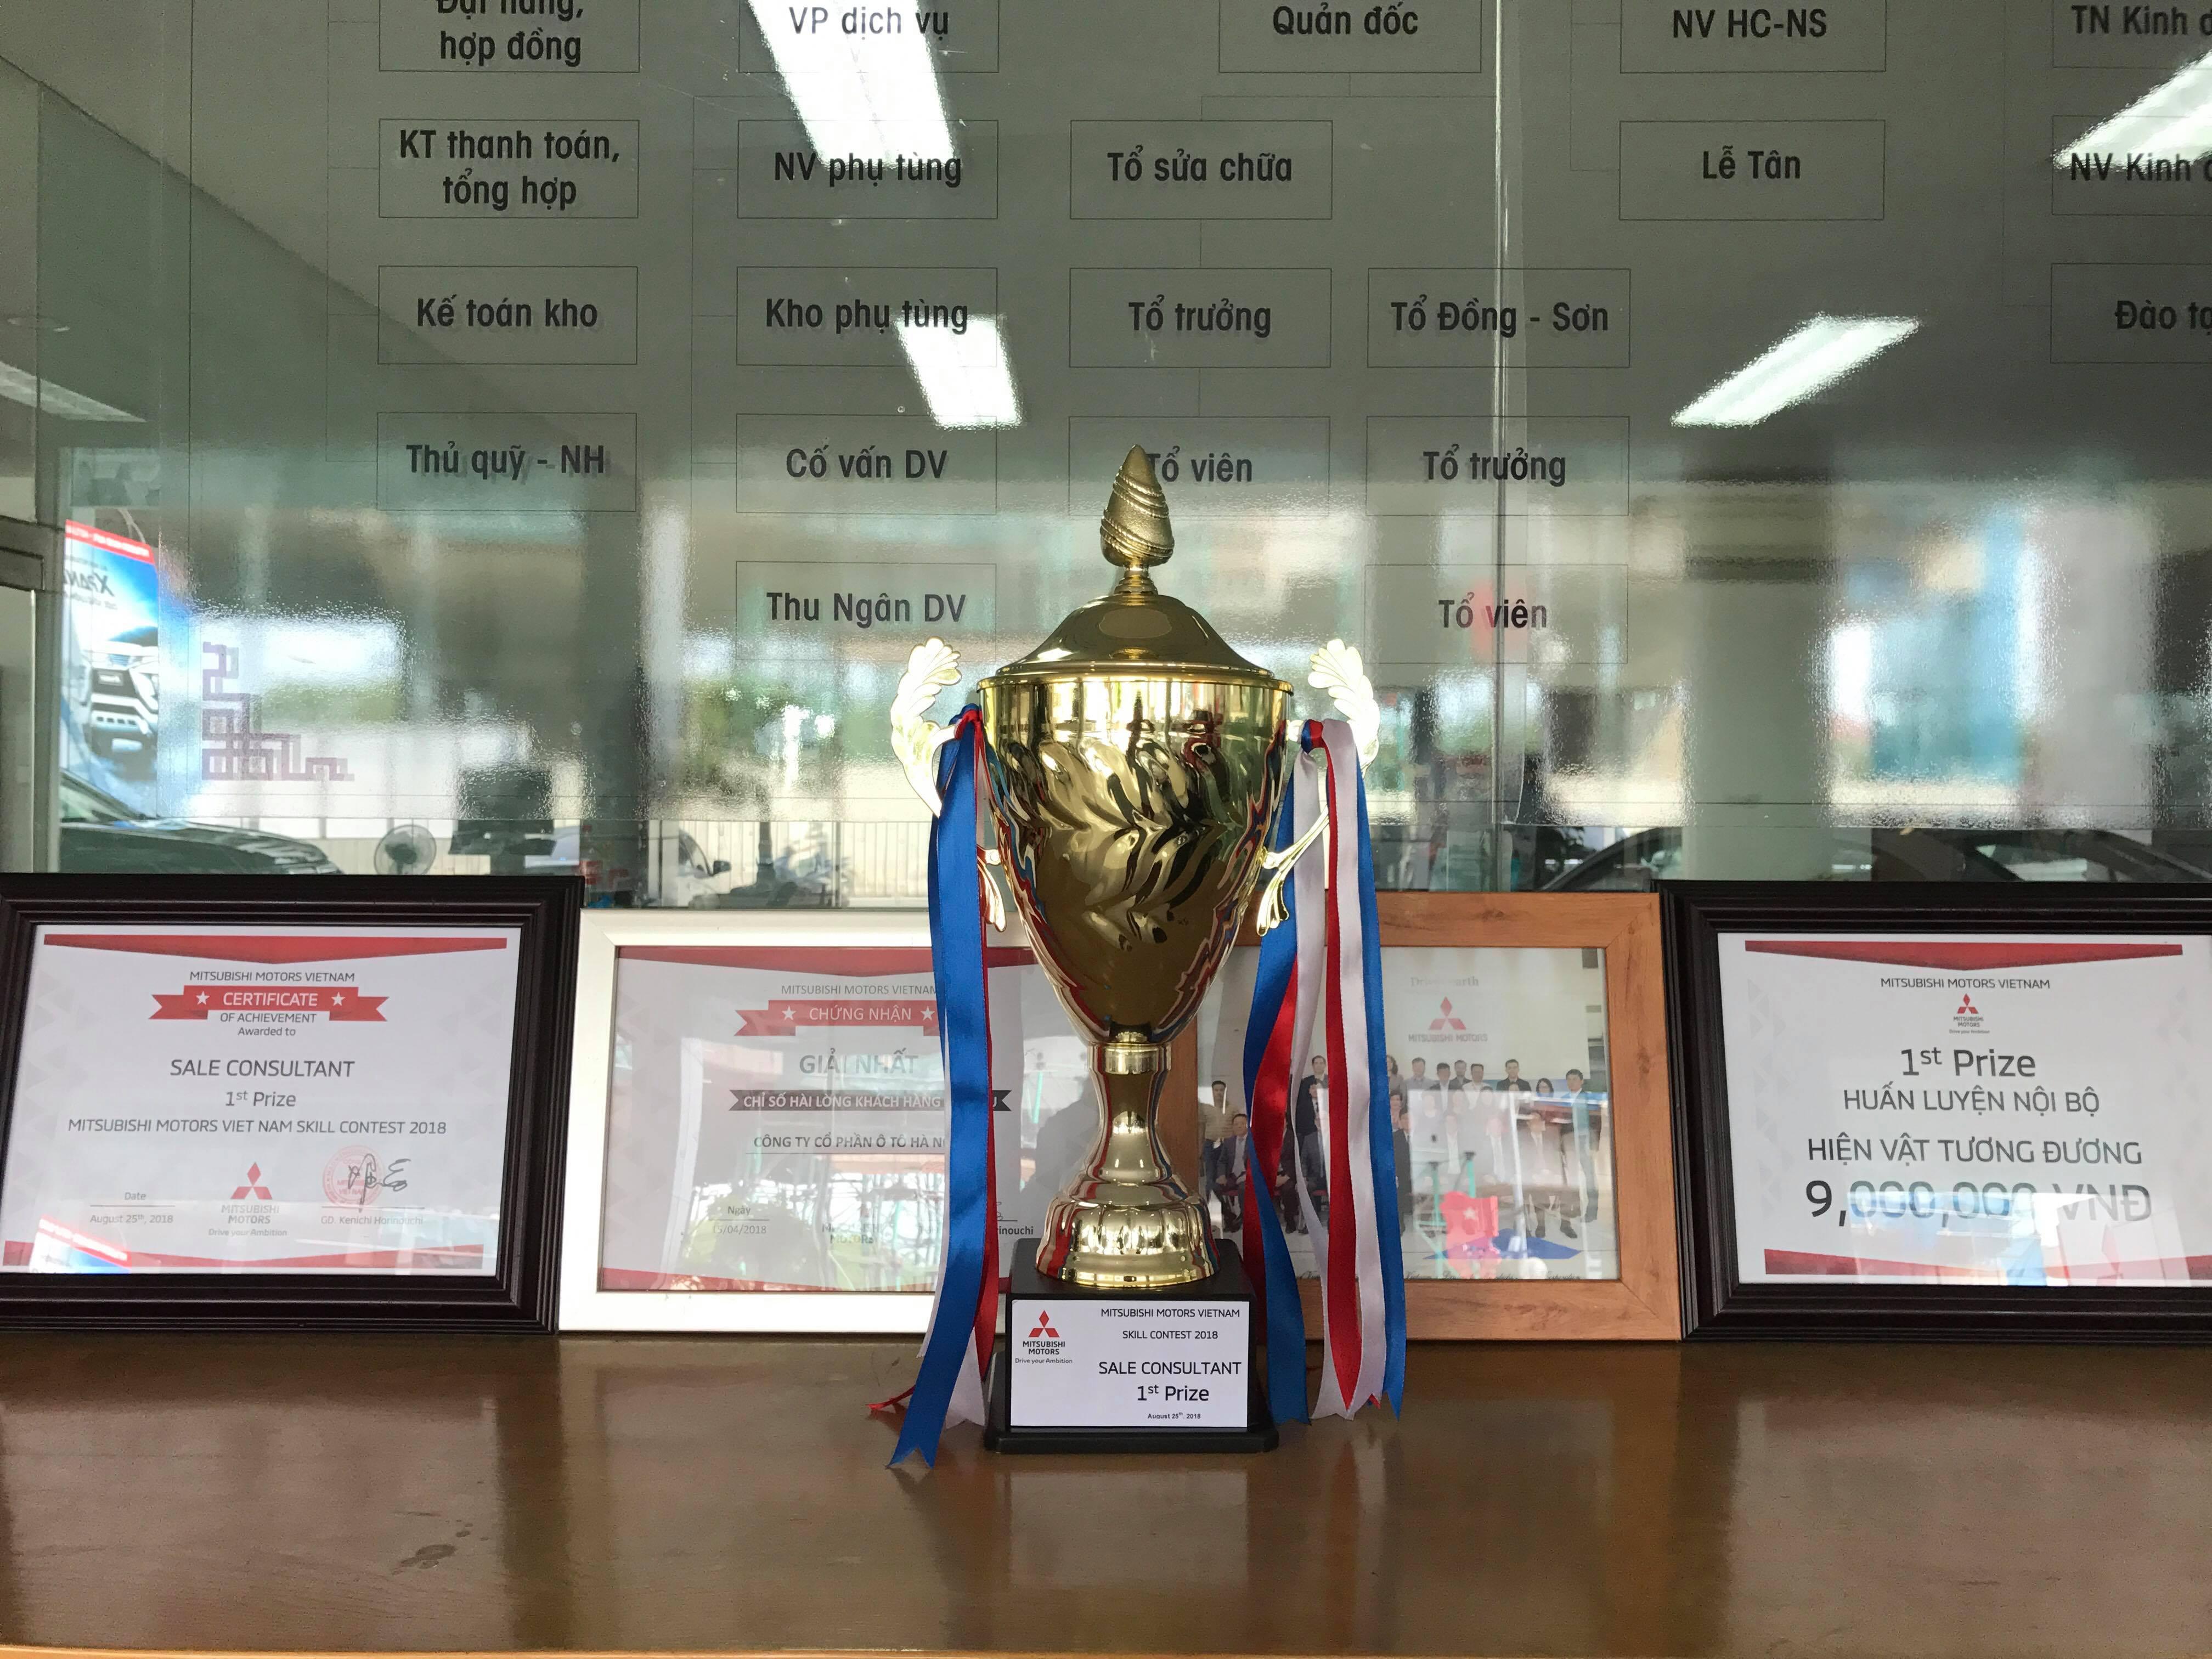 đoạt giải nhất kỹ năng bán hàng